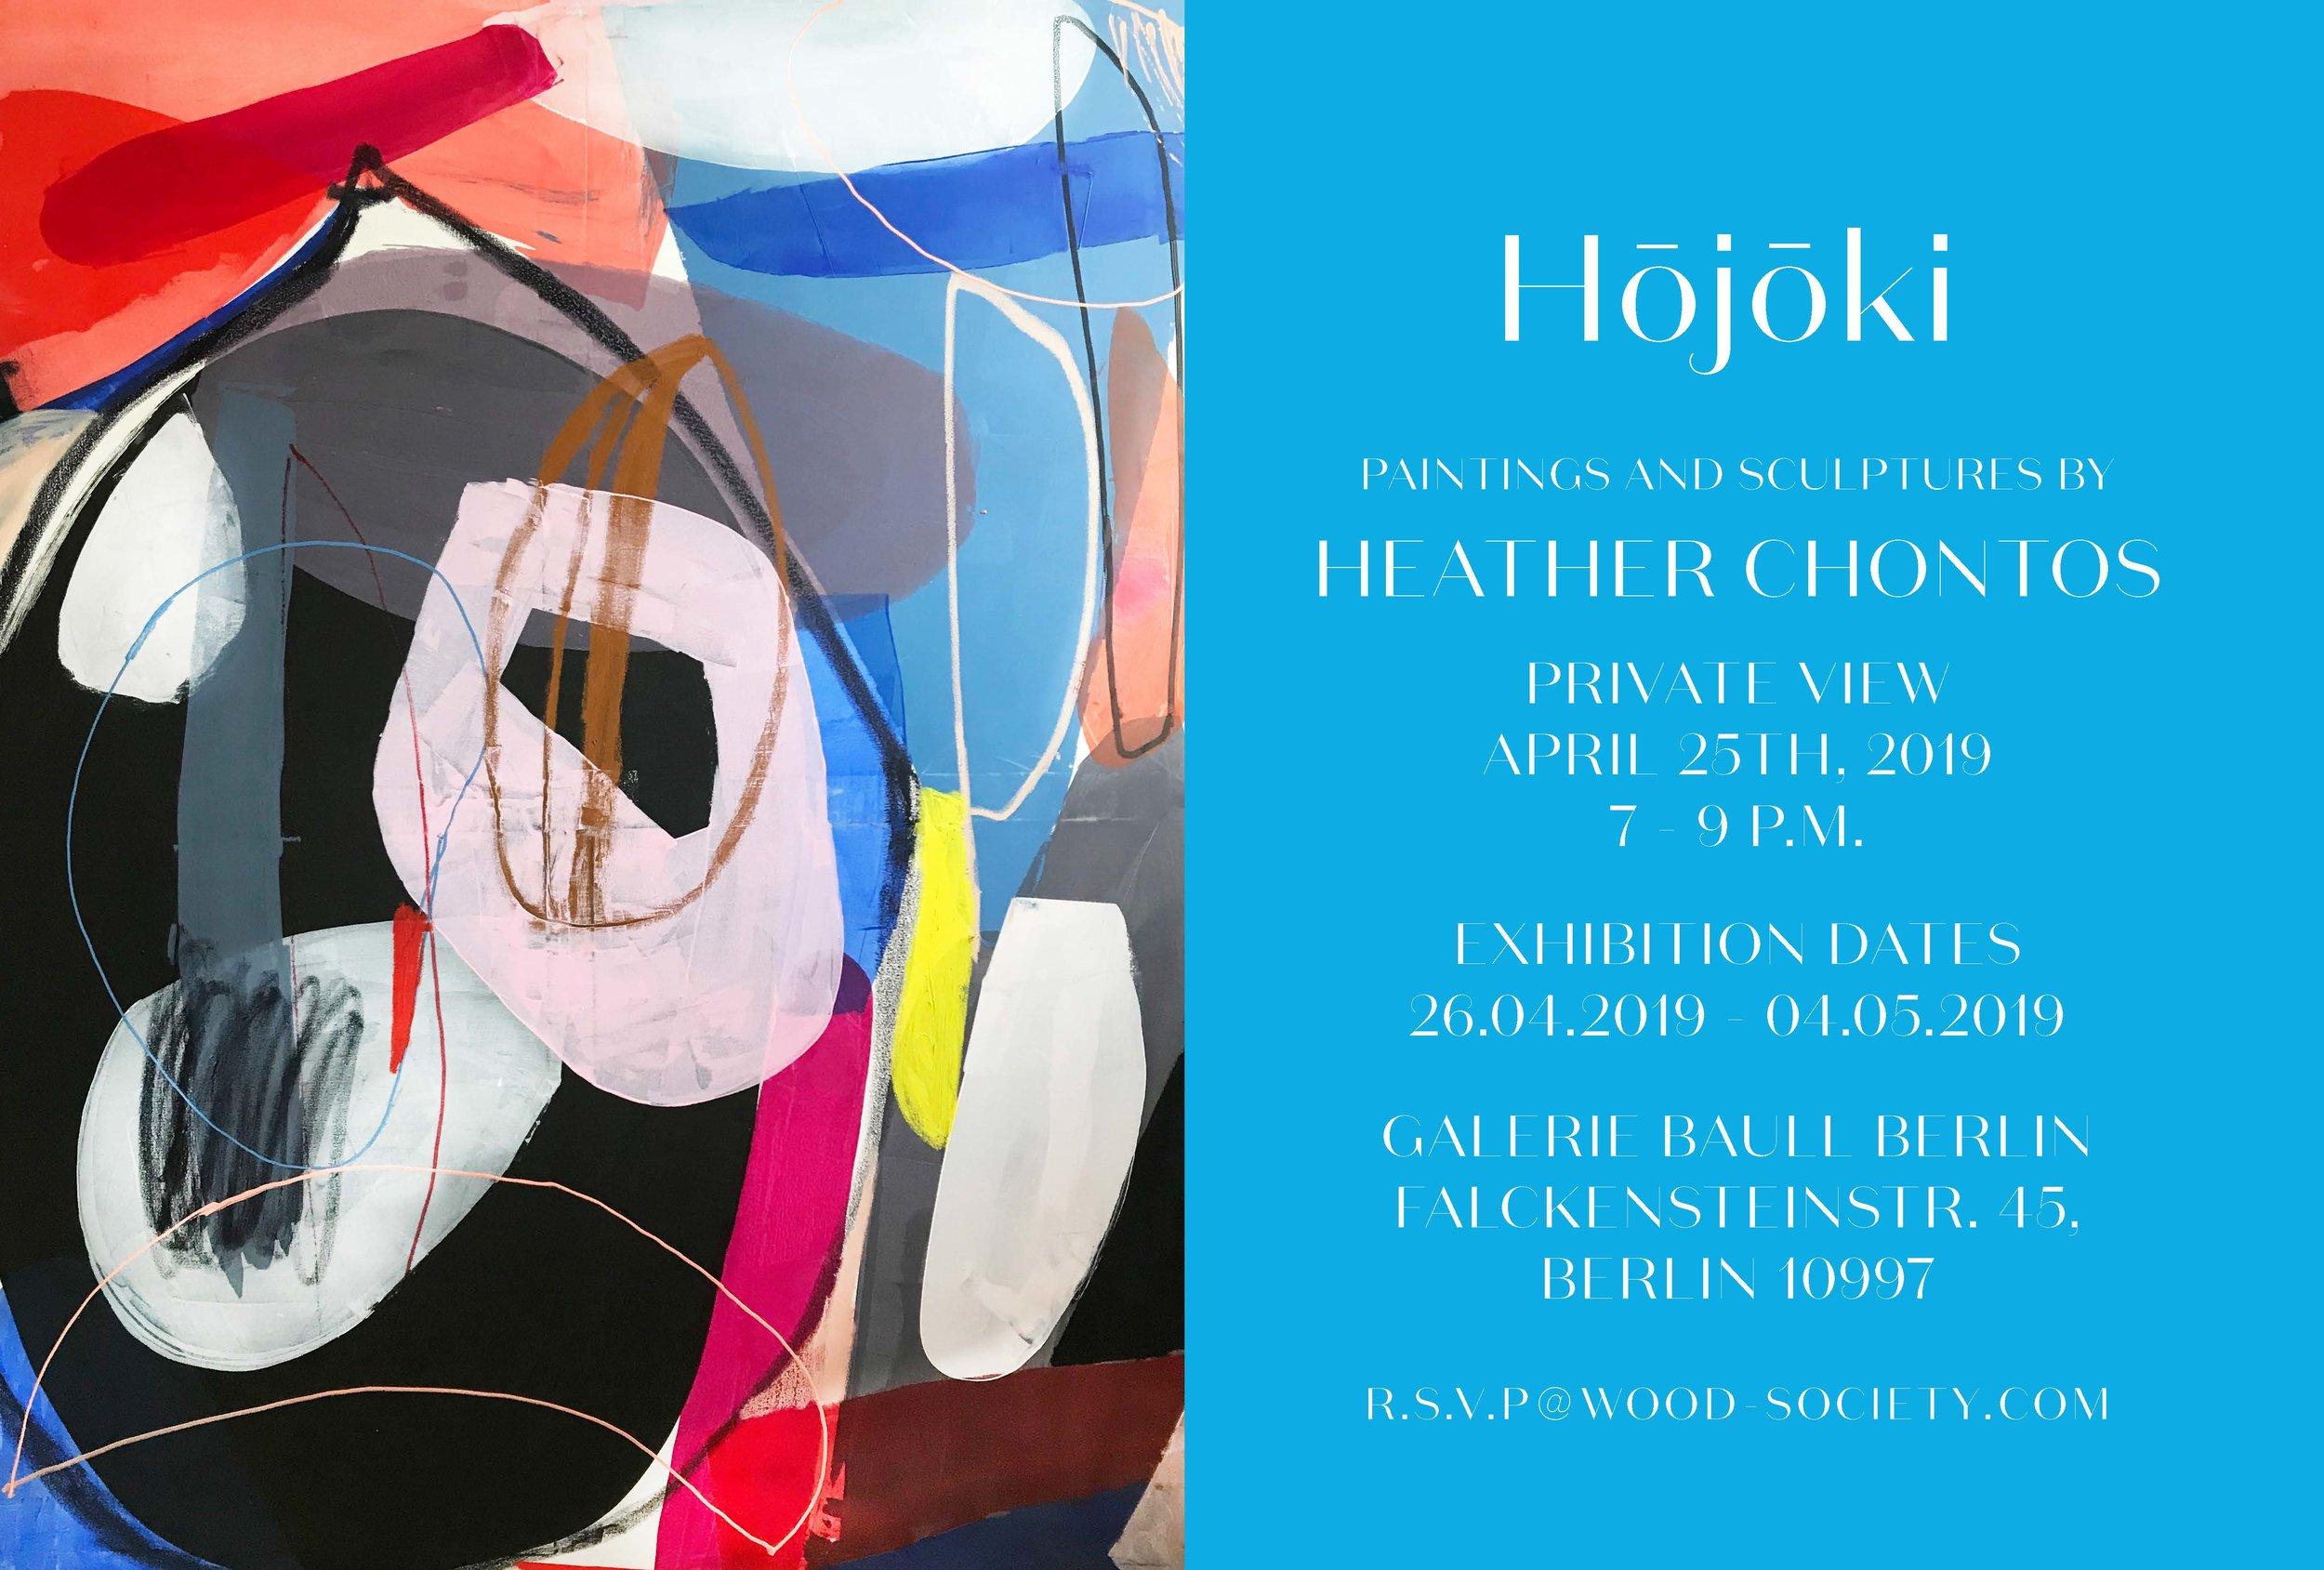 Hōjōki-   Galerie Baull, Berlin 2019